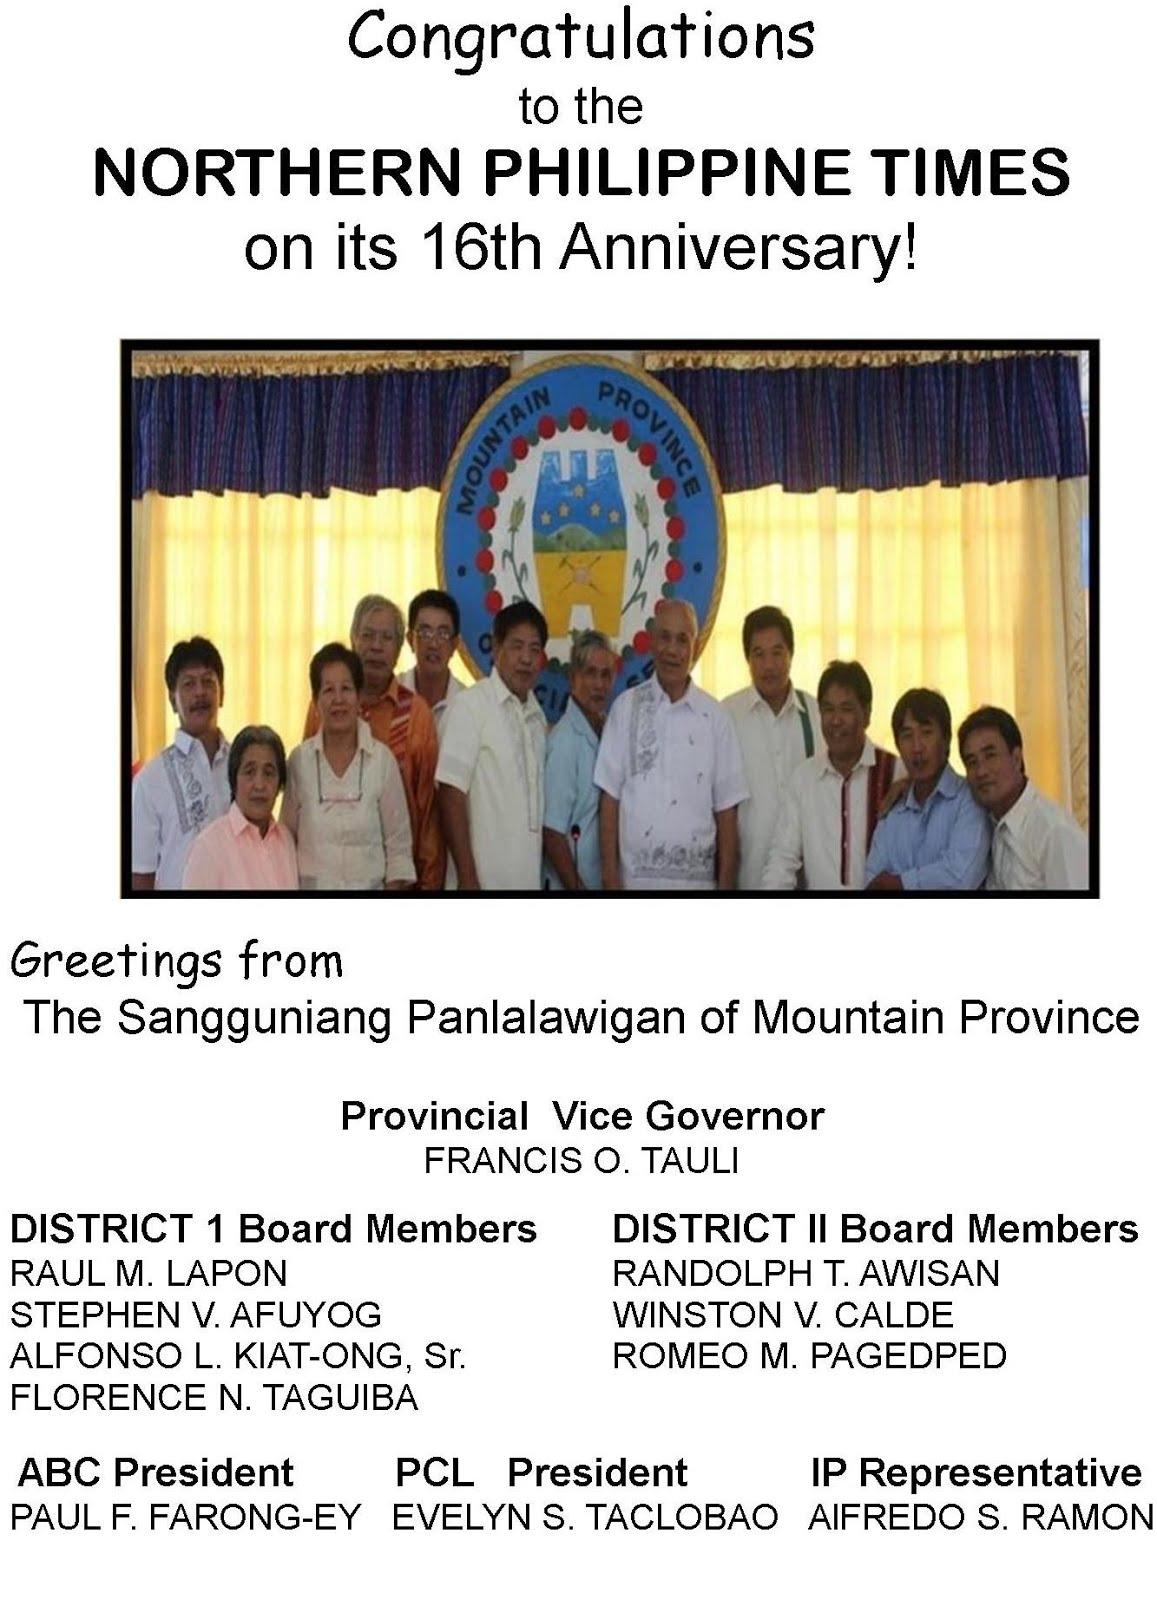 NPT 2016 Anniversary